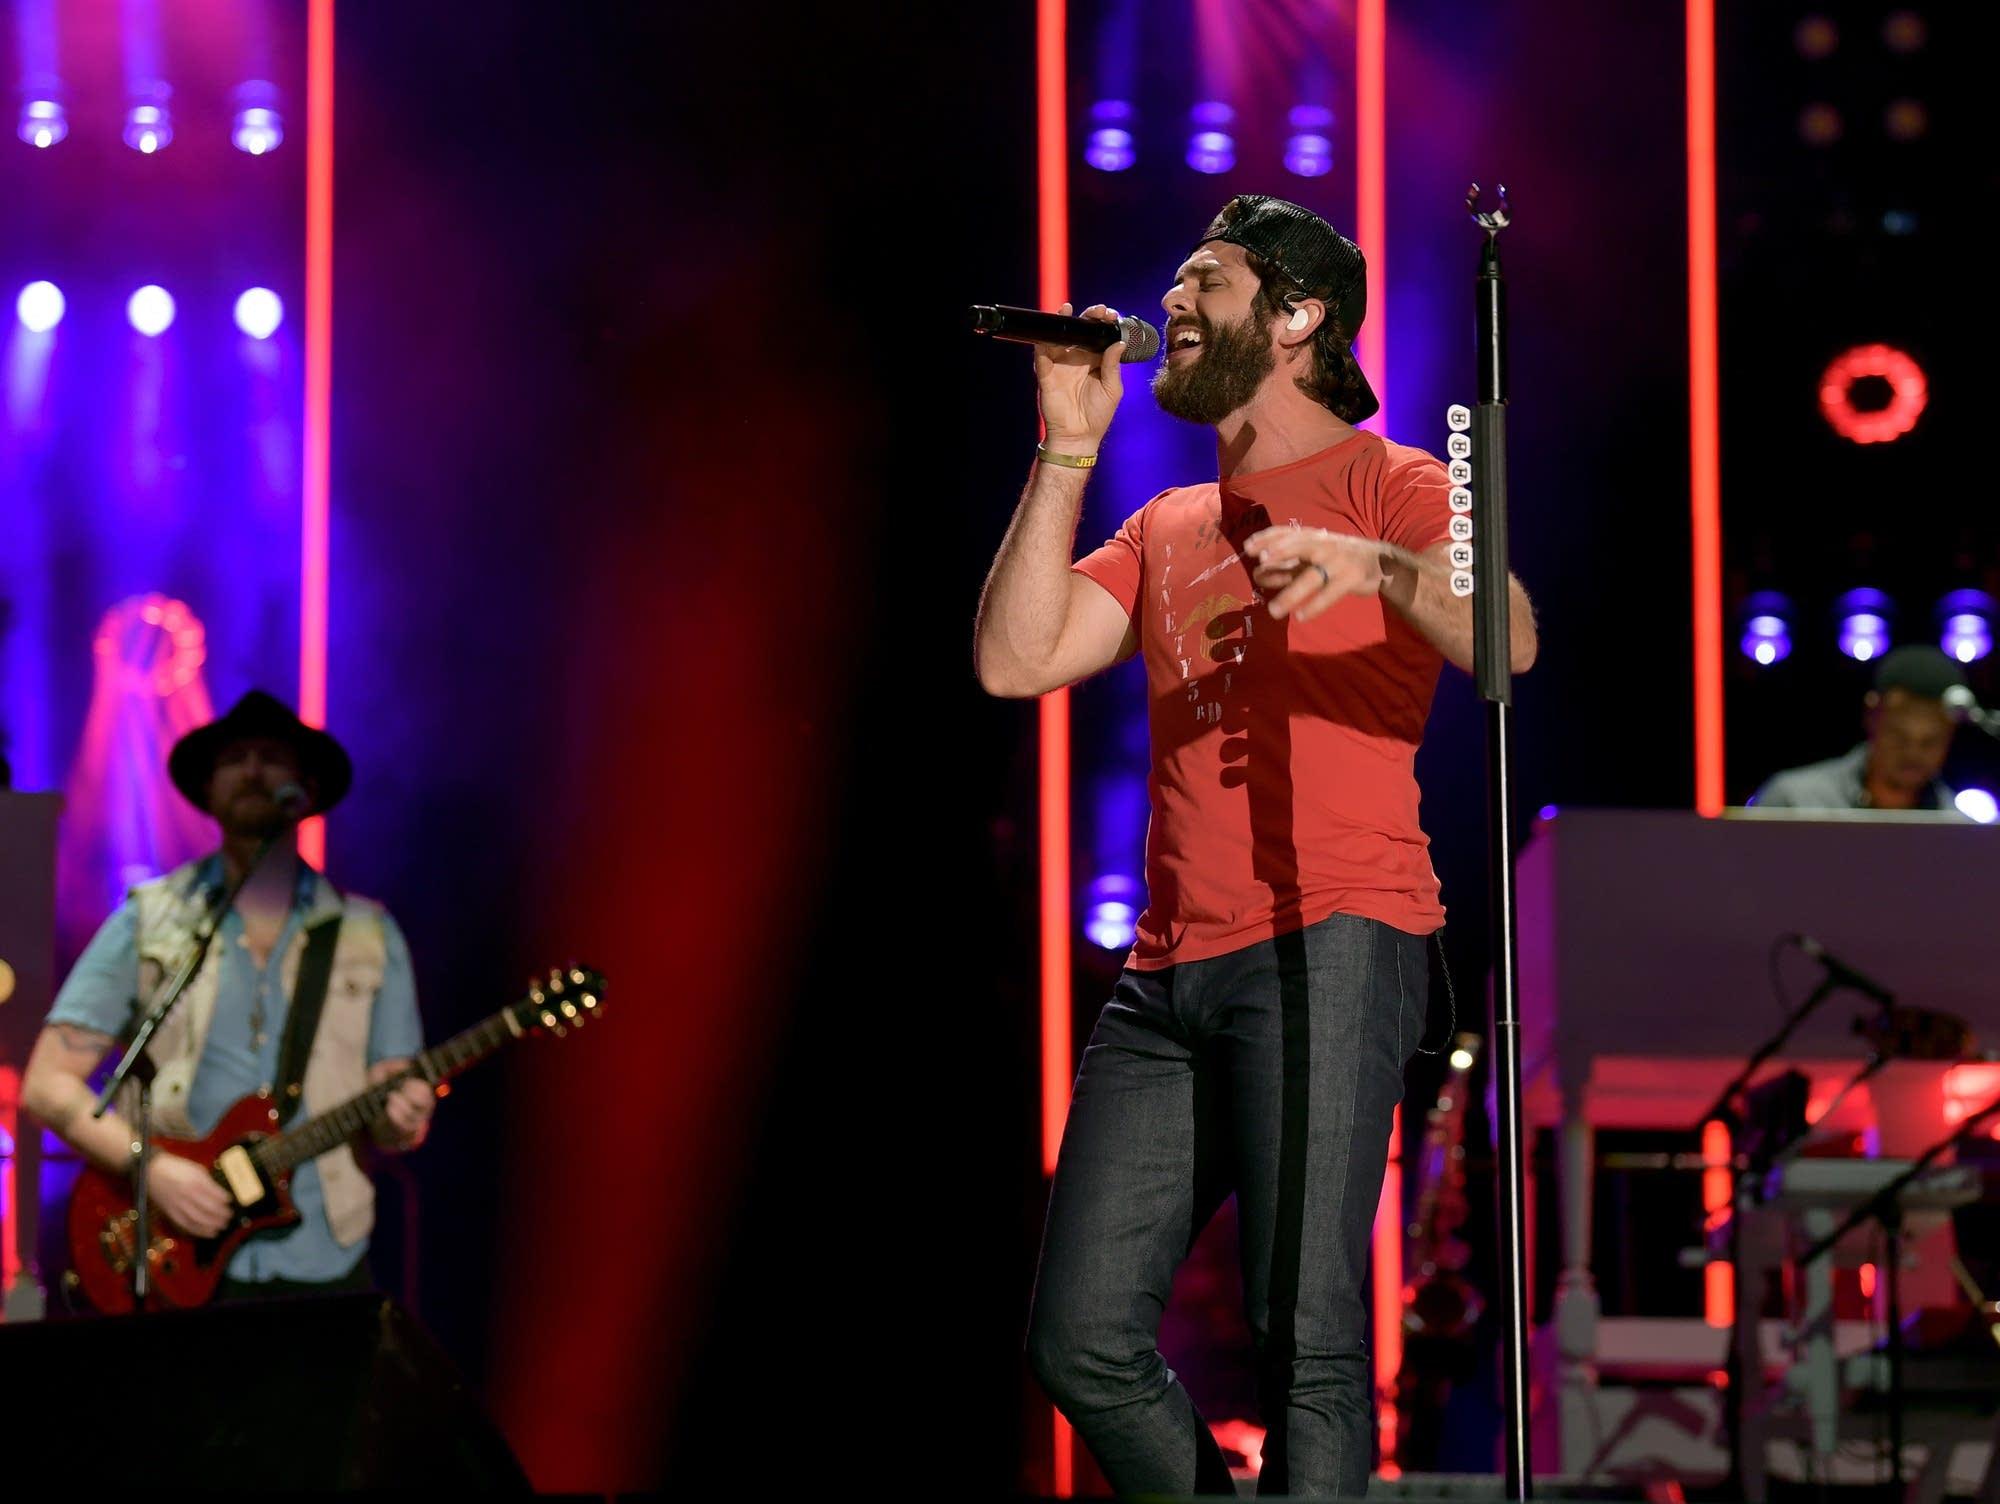 Thomas Rhett performs for 2019 CMA Music Festival